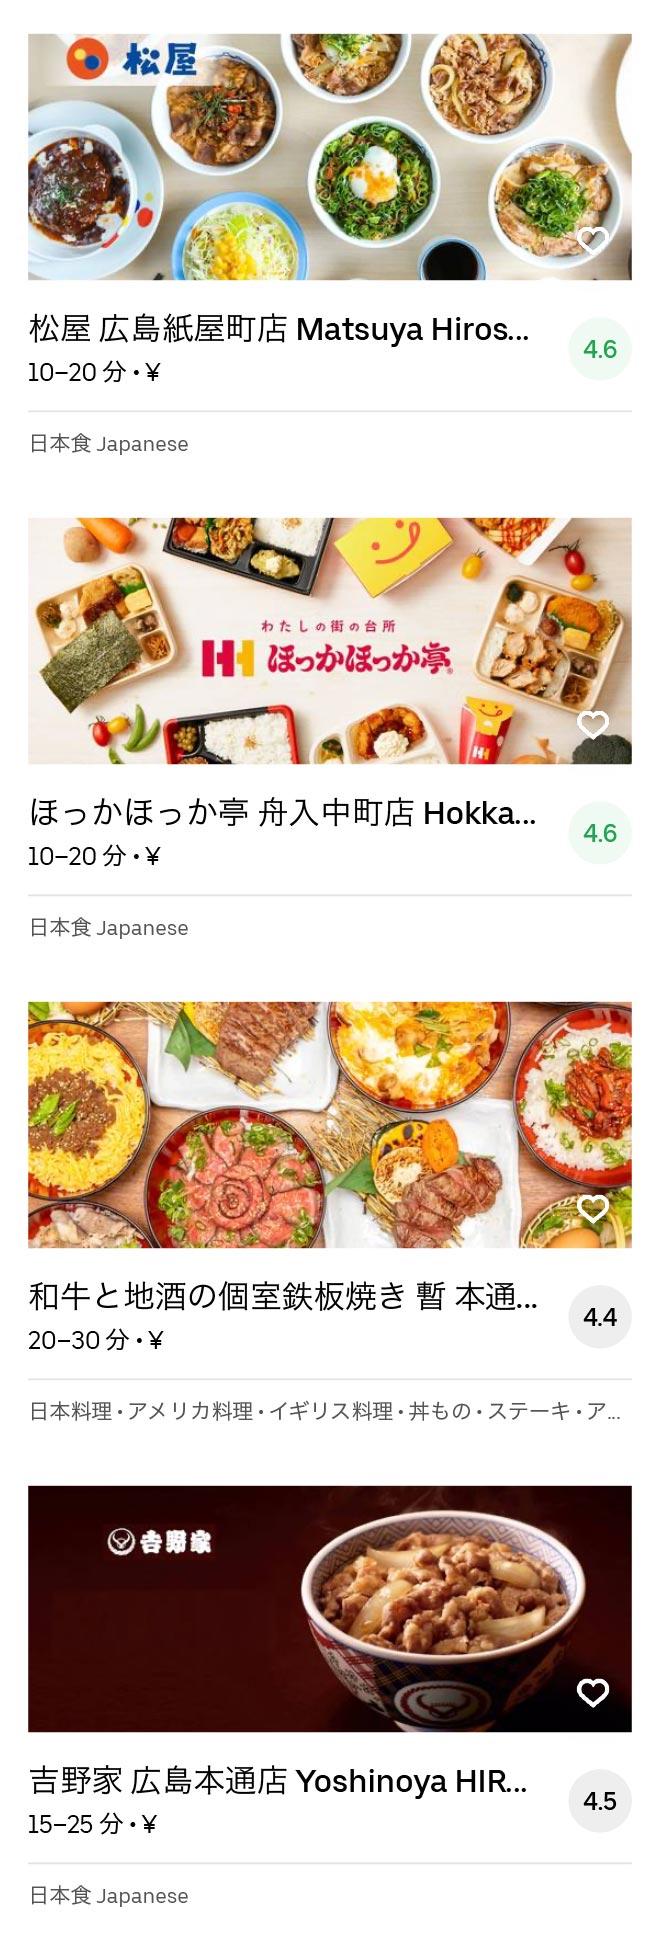 Hiroshima toukaimachi menu 2005 06